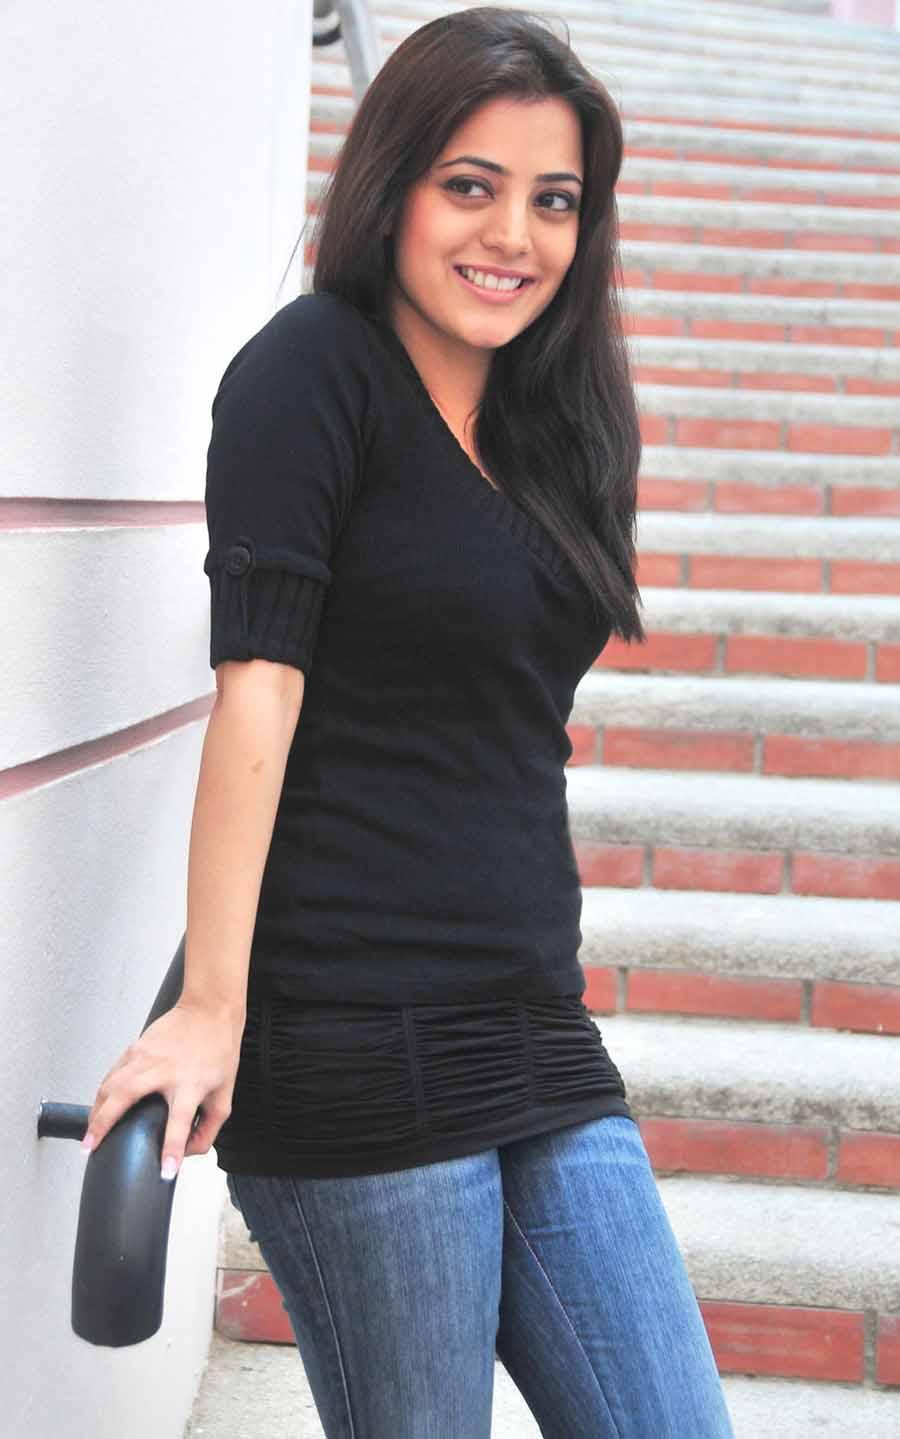 Deepakc 190 Nisha Agarwal Sister Of Kagal Agarwal Hot -7436